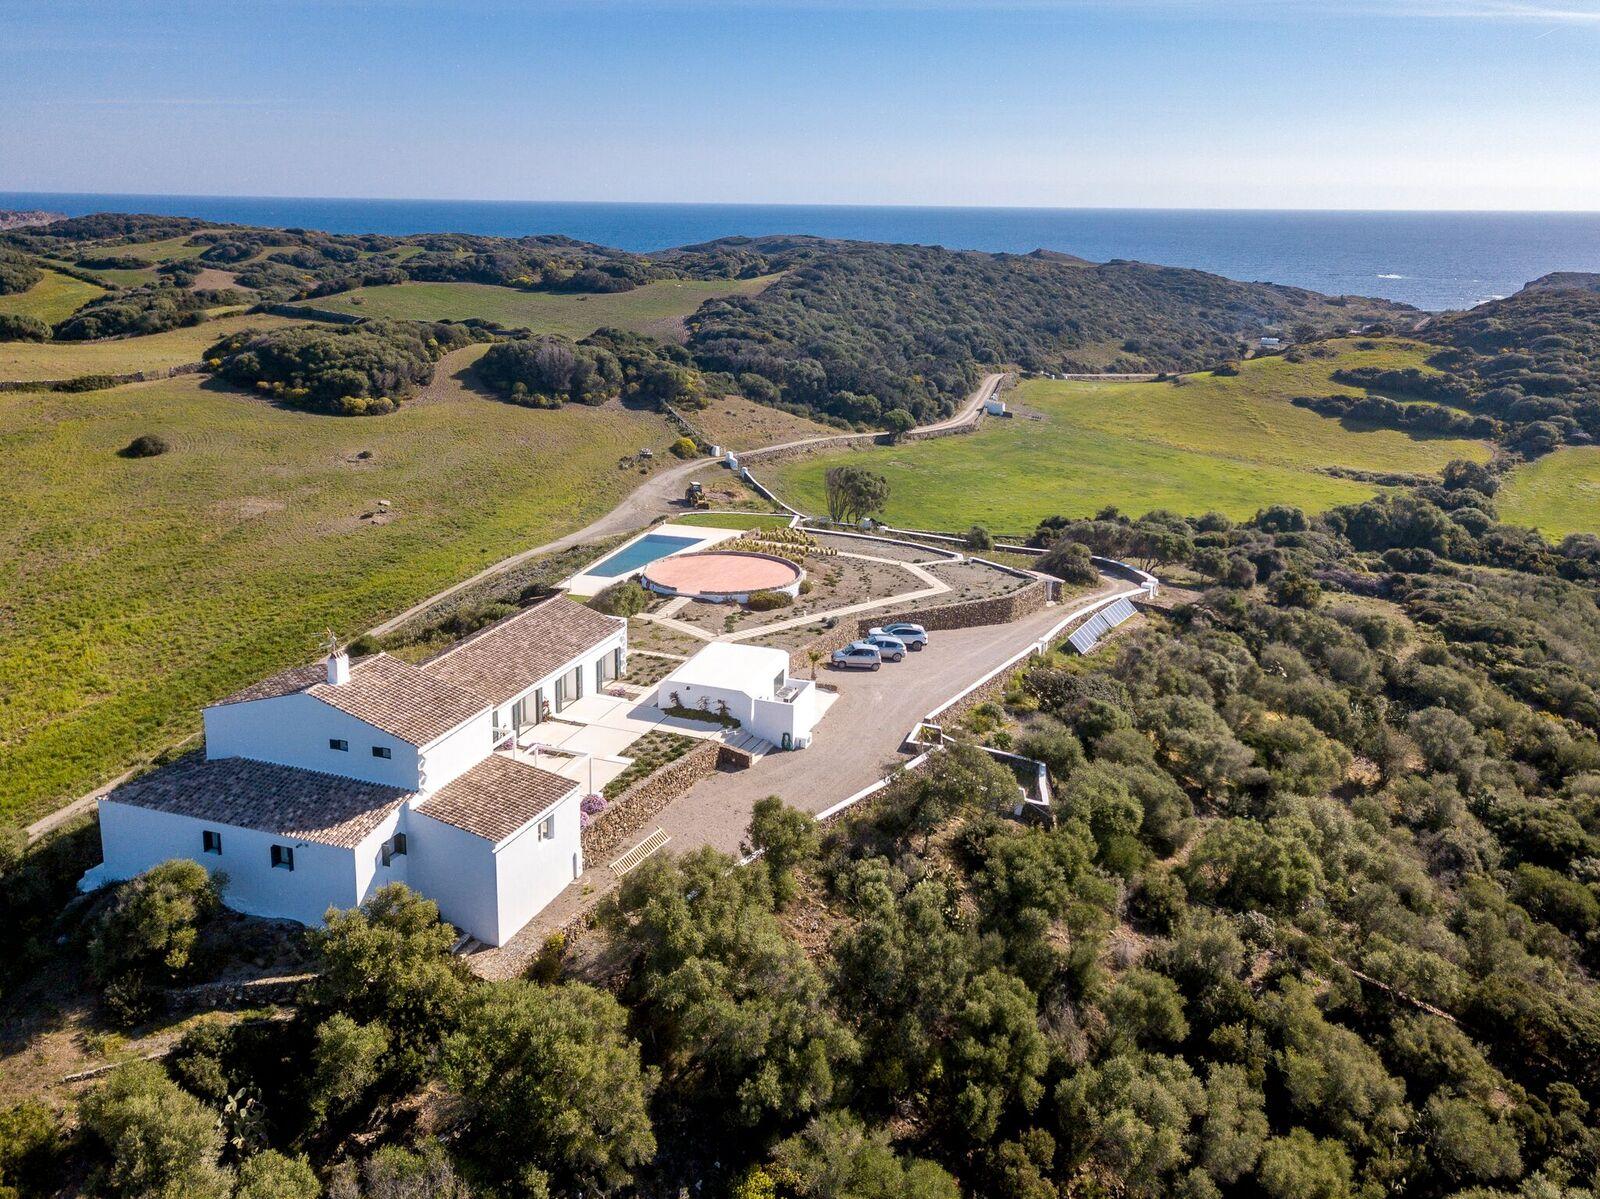 Domaine de luxe avec plage privée